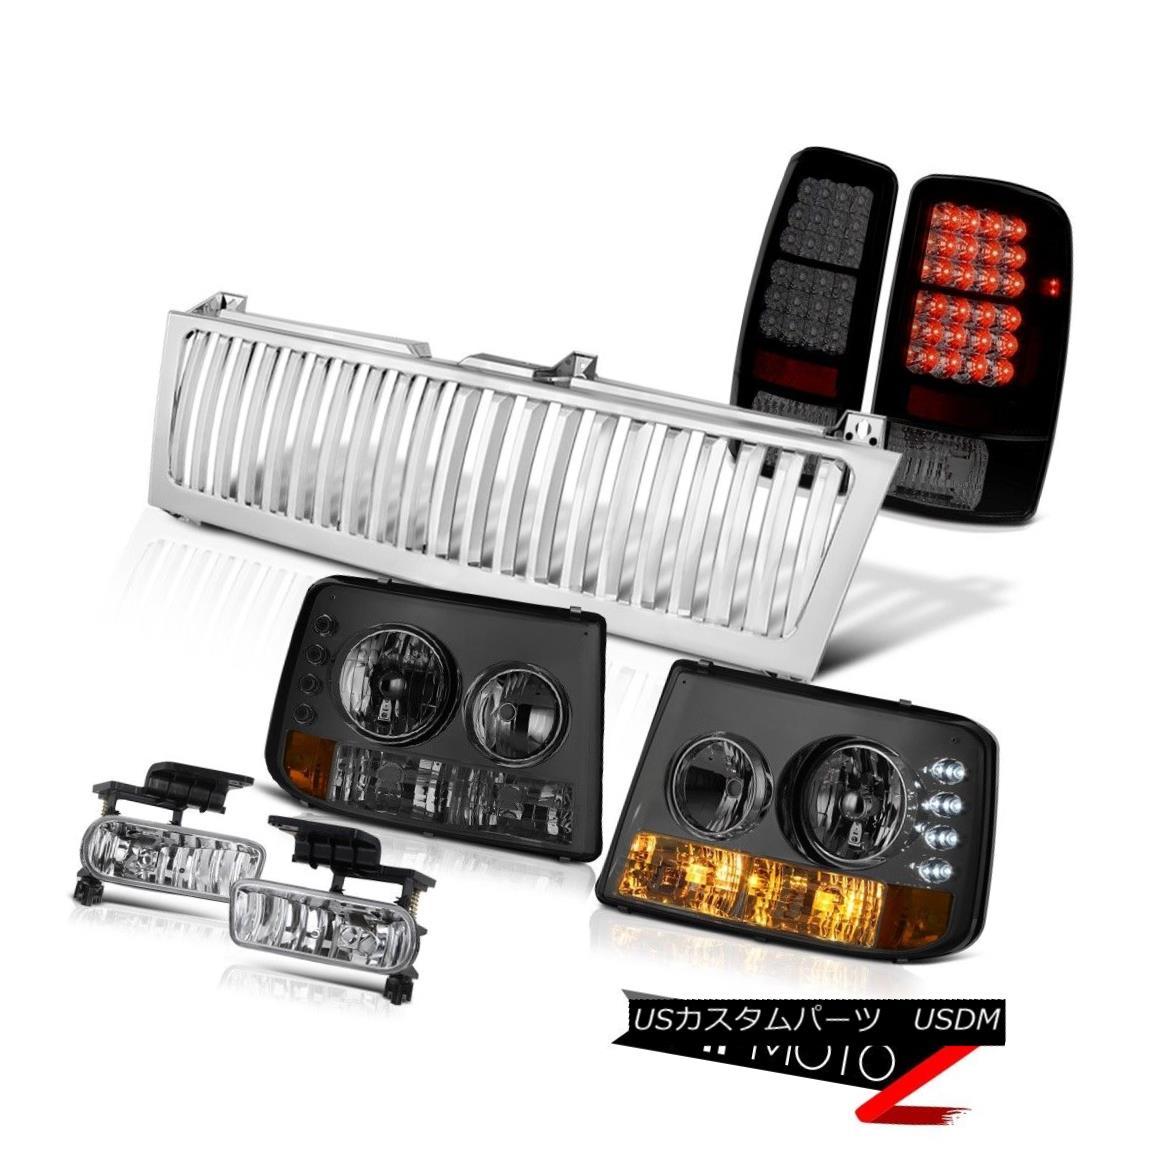 テールライト 00 01 02 03 04 05 06 Suburban 5.3L Headlights LED Brake Lamps Fog Chrome Grille 00 01 02 03 04 05 06郊外5.3LヘッドライトLEDブレーキランプフォグクロームグリル